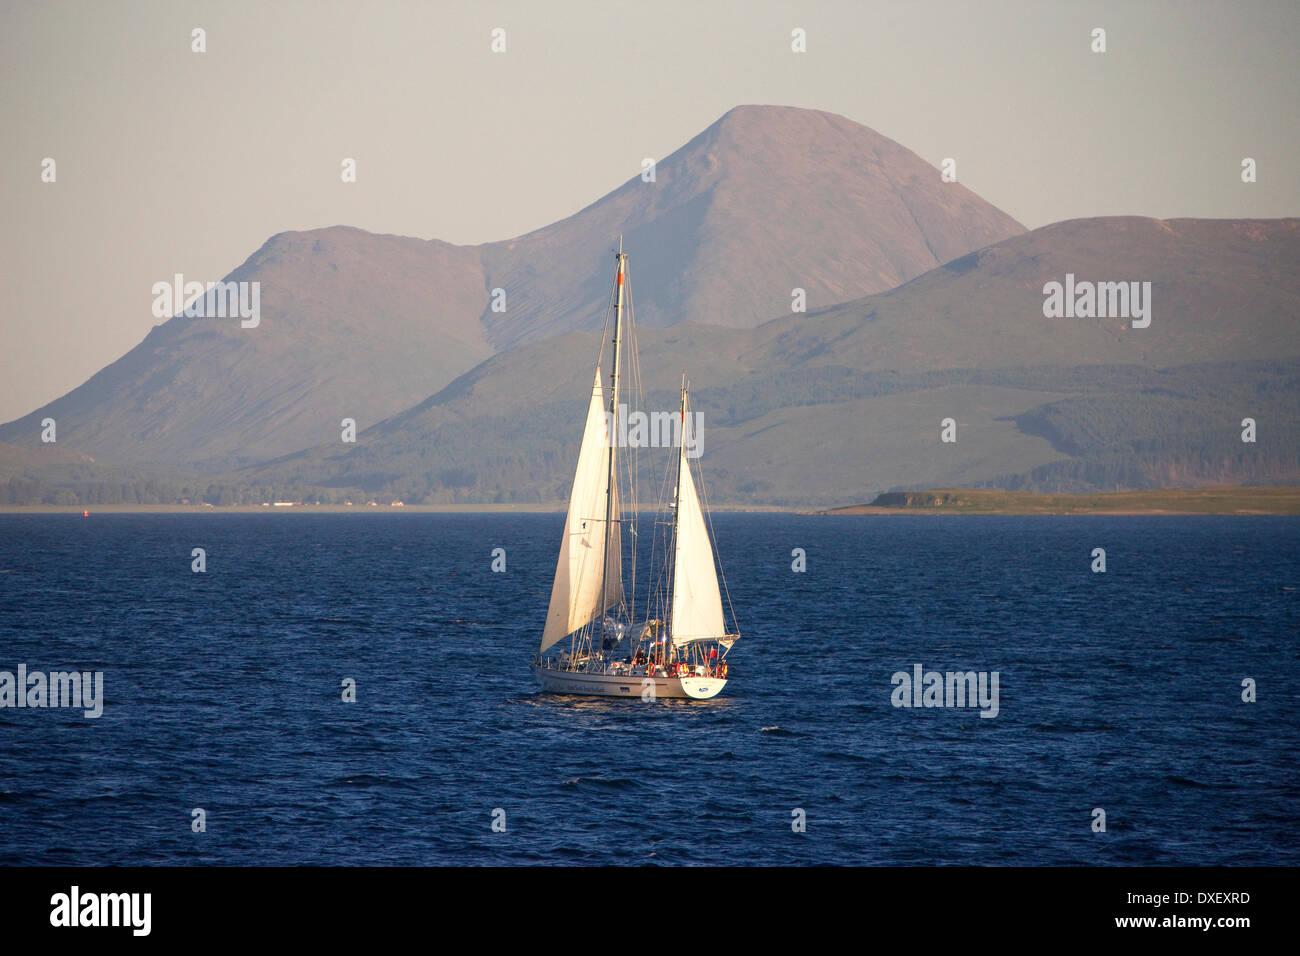 Grand yacht voile dans le Sound of Mull avec les collines de Mull en vue. Banque D'Images